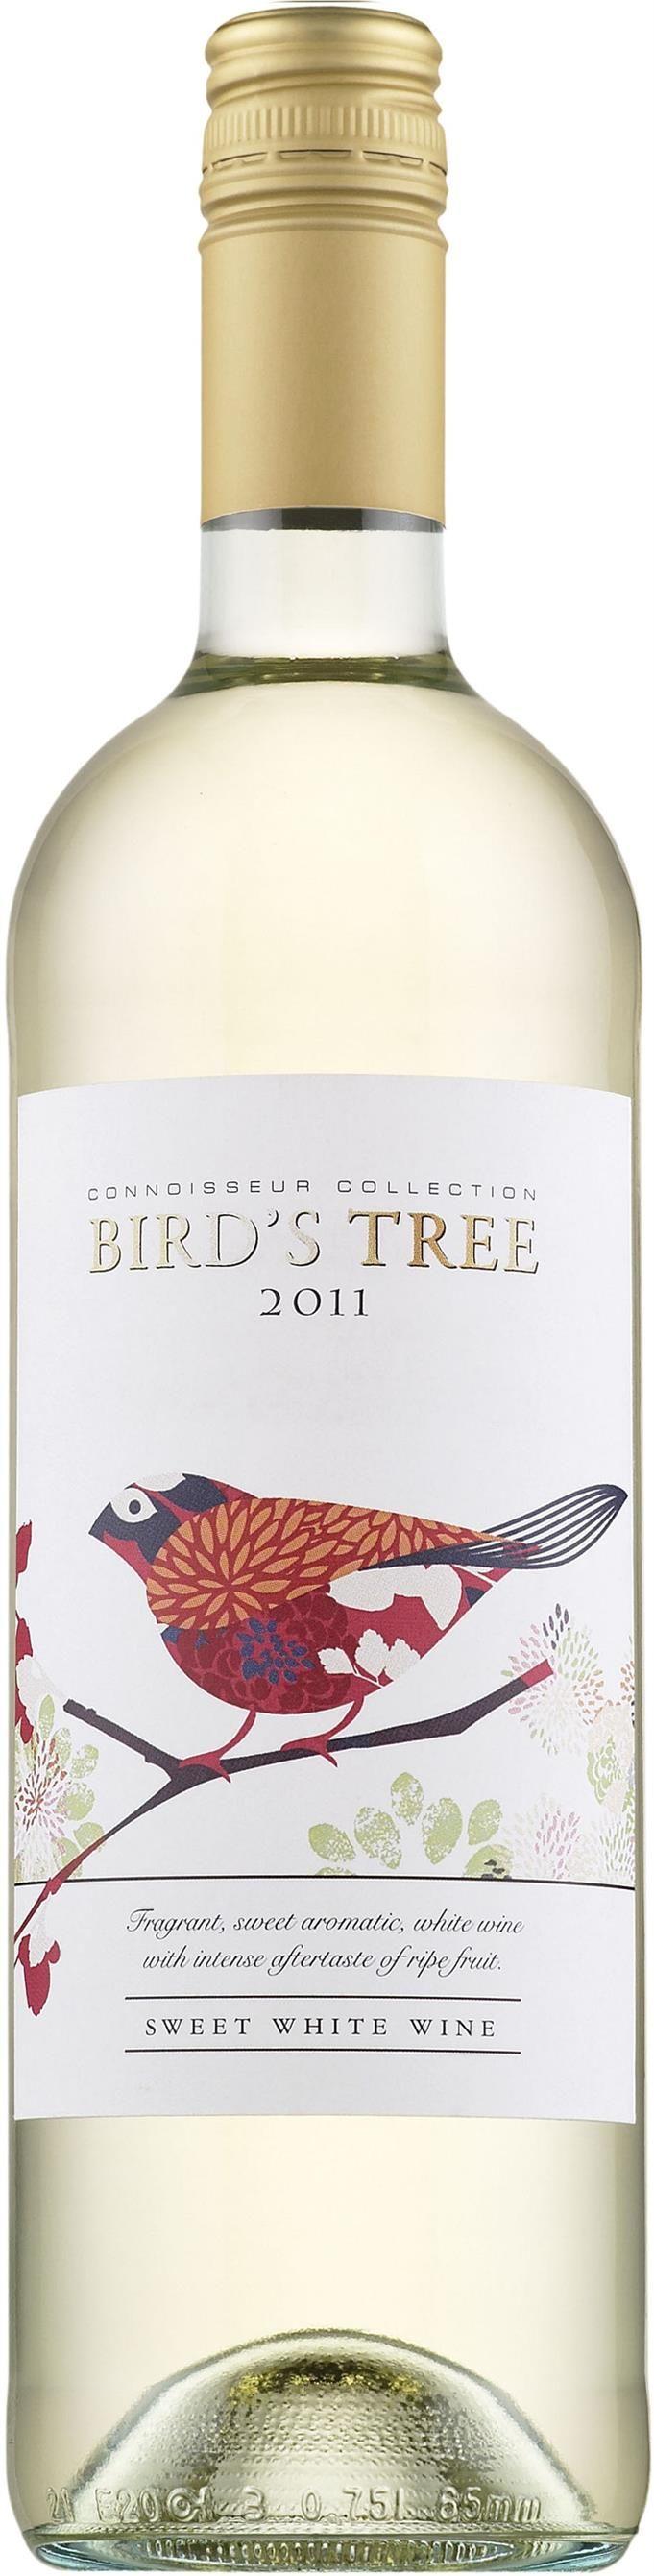 Bird's Tree -valkoviini. 7,30€